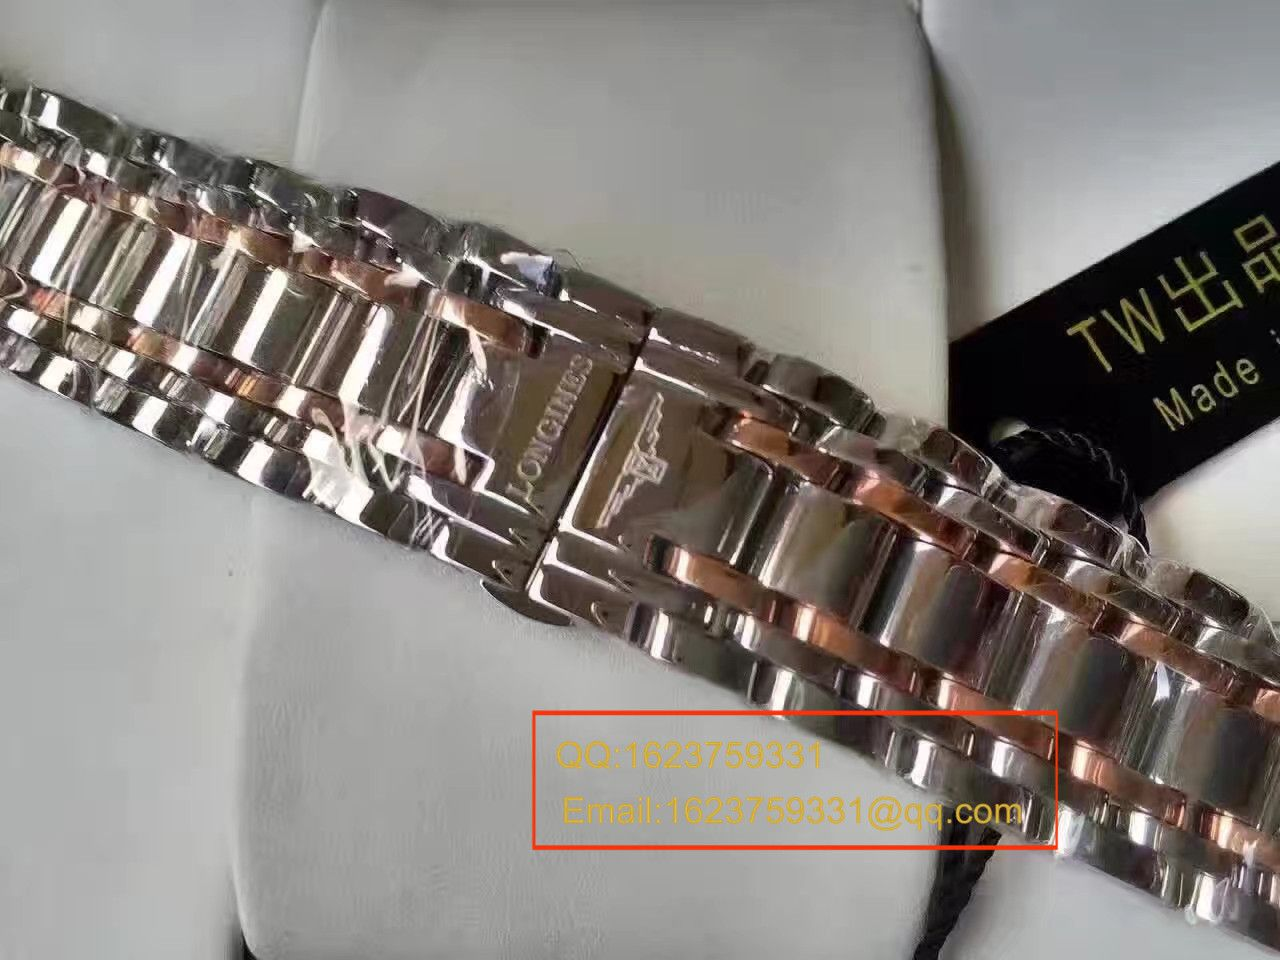 【TW台湾厂一比一超A高仿手表】浪琴索伊米娅系列L2.753.5.72.7腕表 / L082